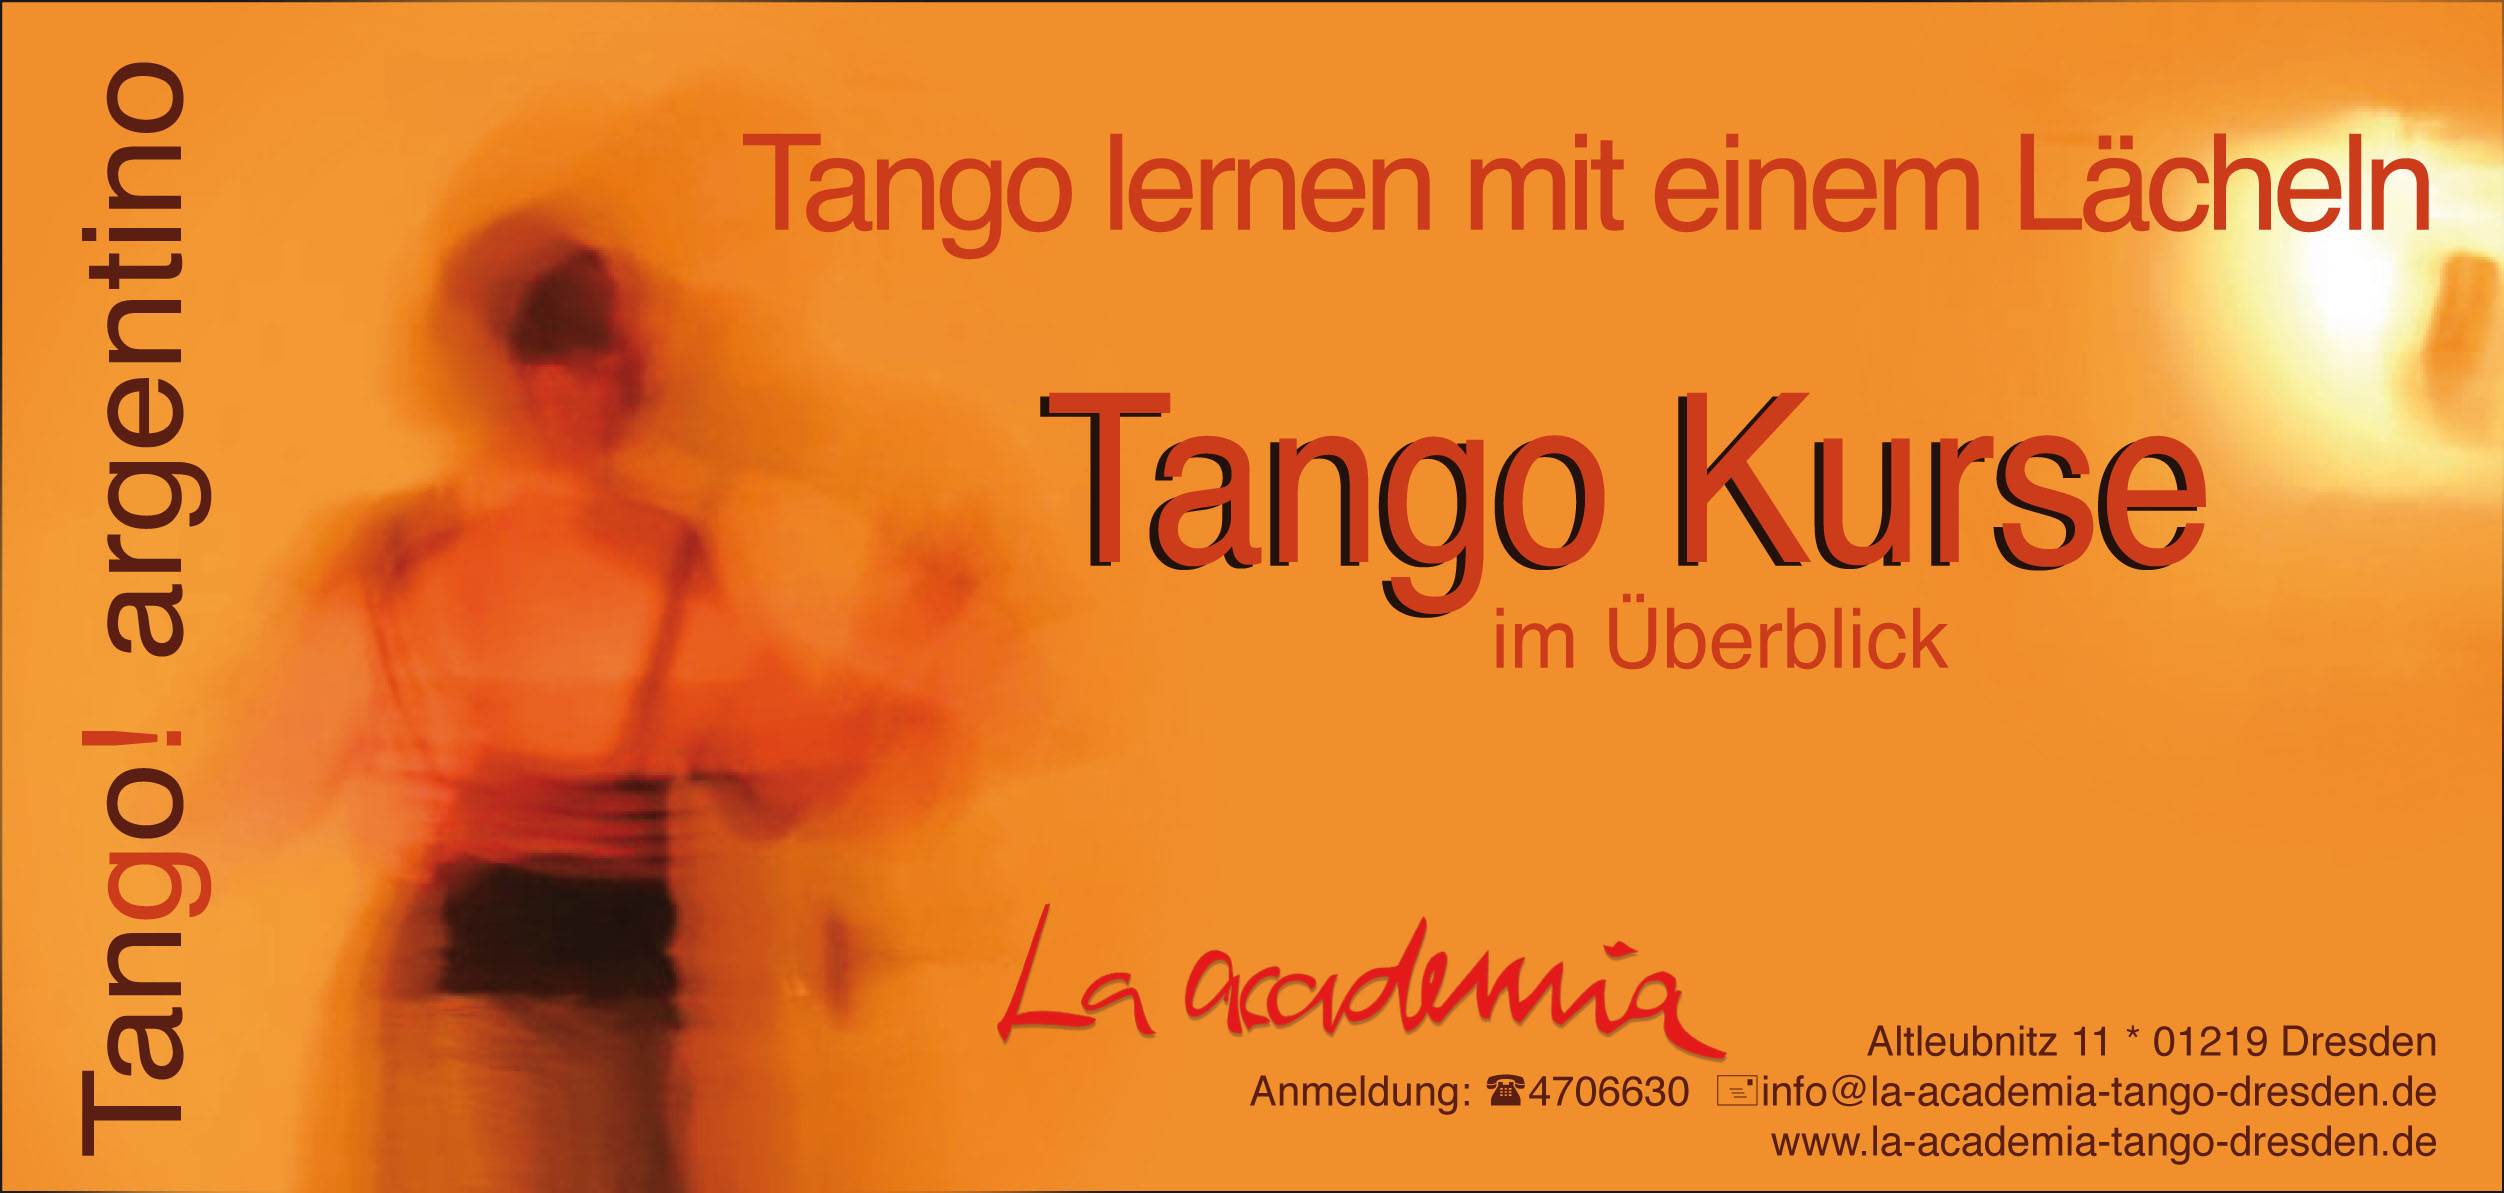 La academia Tango Dresden • Tango argentino Dresden • Tango Tanz Kurse für Anfänger Beginner Wiedereinsteiger Mittelstufe Fortgeschrittene • Wechselkurs • Rollentausch • Tango Übungsabend • Frauen führen Frauen • Double Role • Carsta und Alex Mock • Milonga • Tango Café • Gastlehrer • Tango Marathon • Tango argentino lernen und tanzen mit einem Lächeln • IRON TANGO • Totally in Tango •